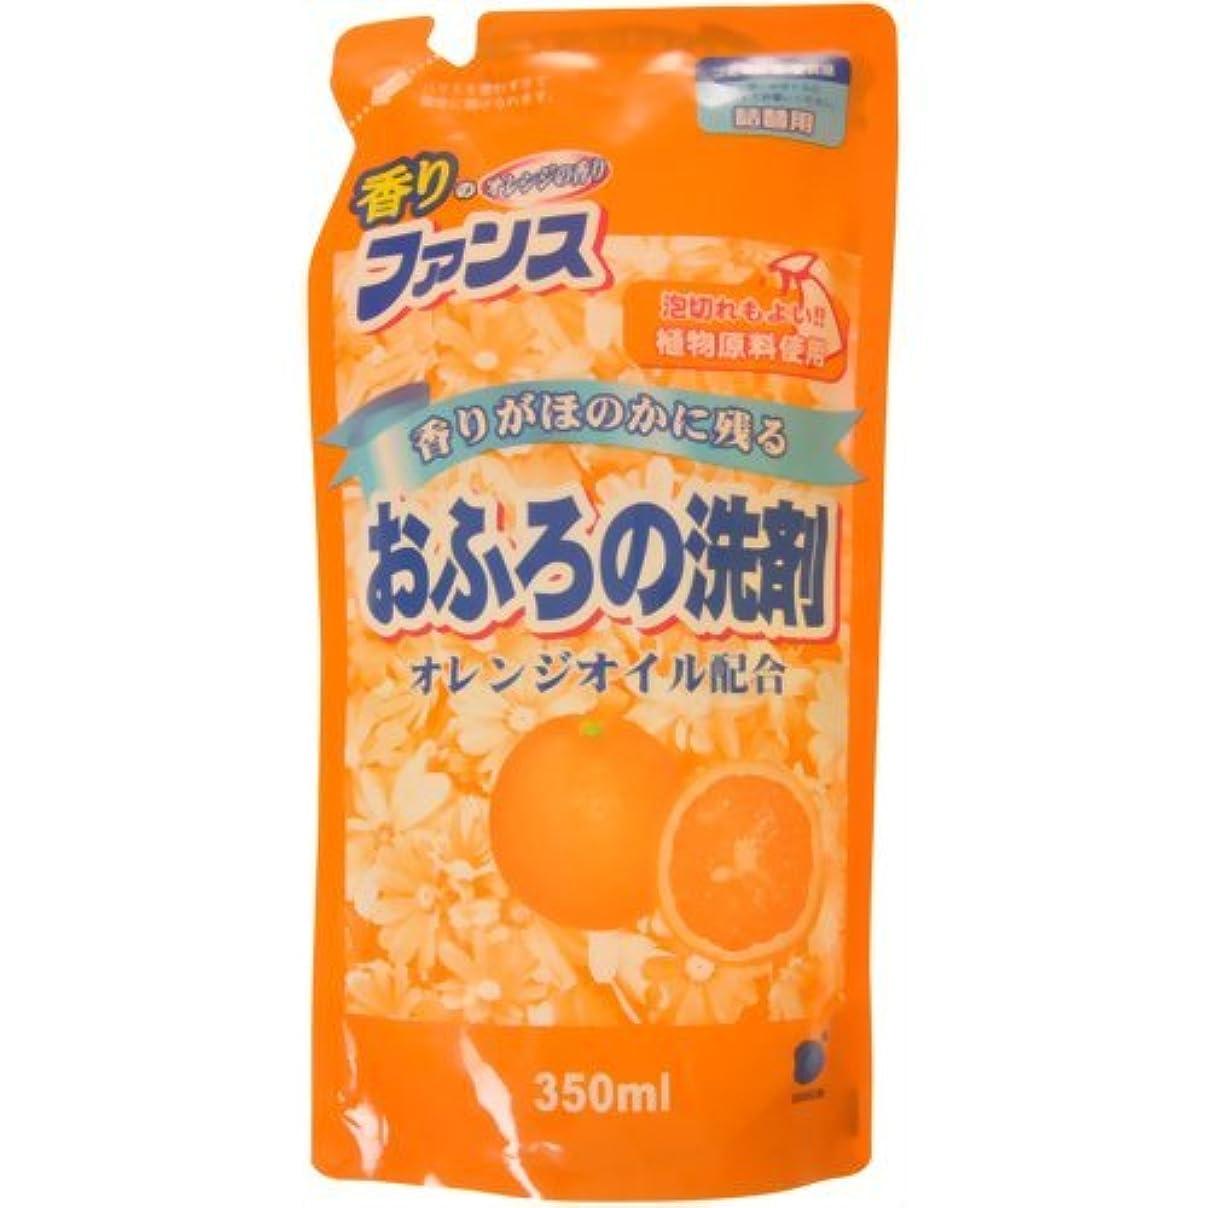 のみ三角形妊娠した香りのファンス おふろの洗剤 オレンジ つめかえ用 350ml